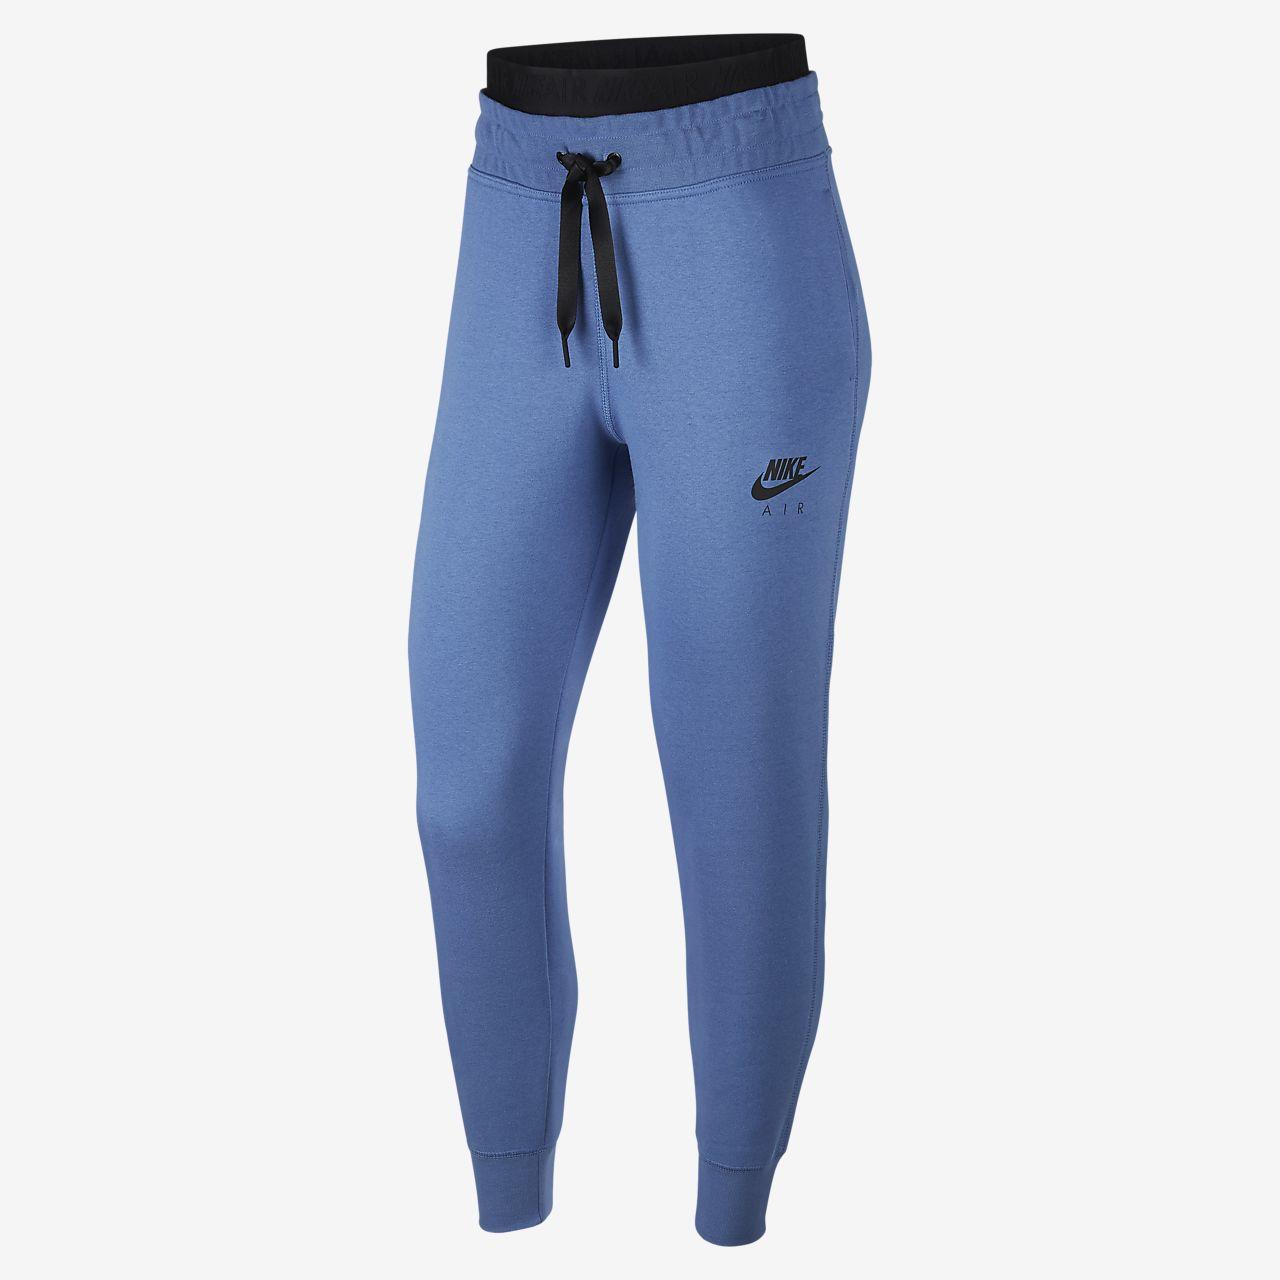 Nike Air-fleecebukser til kvinder